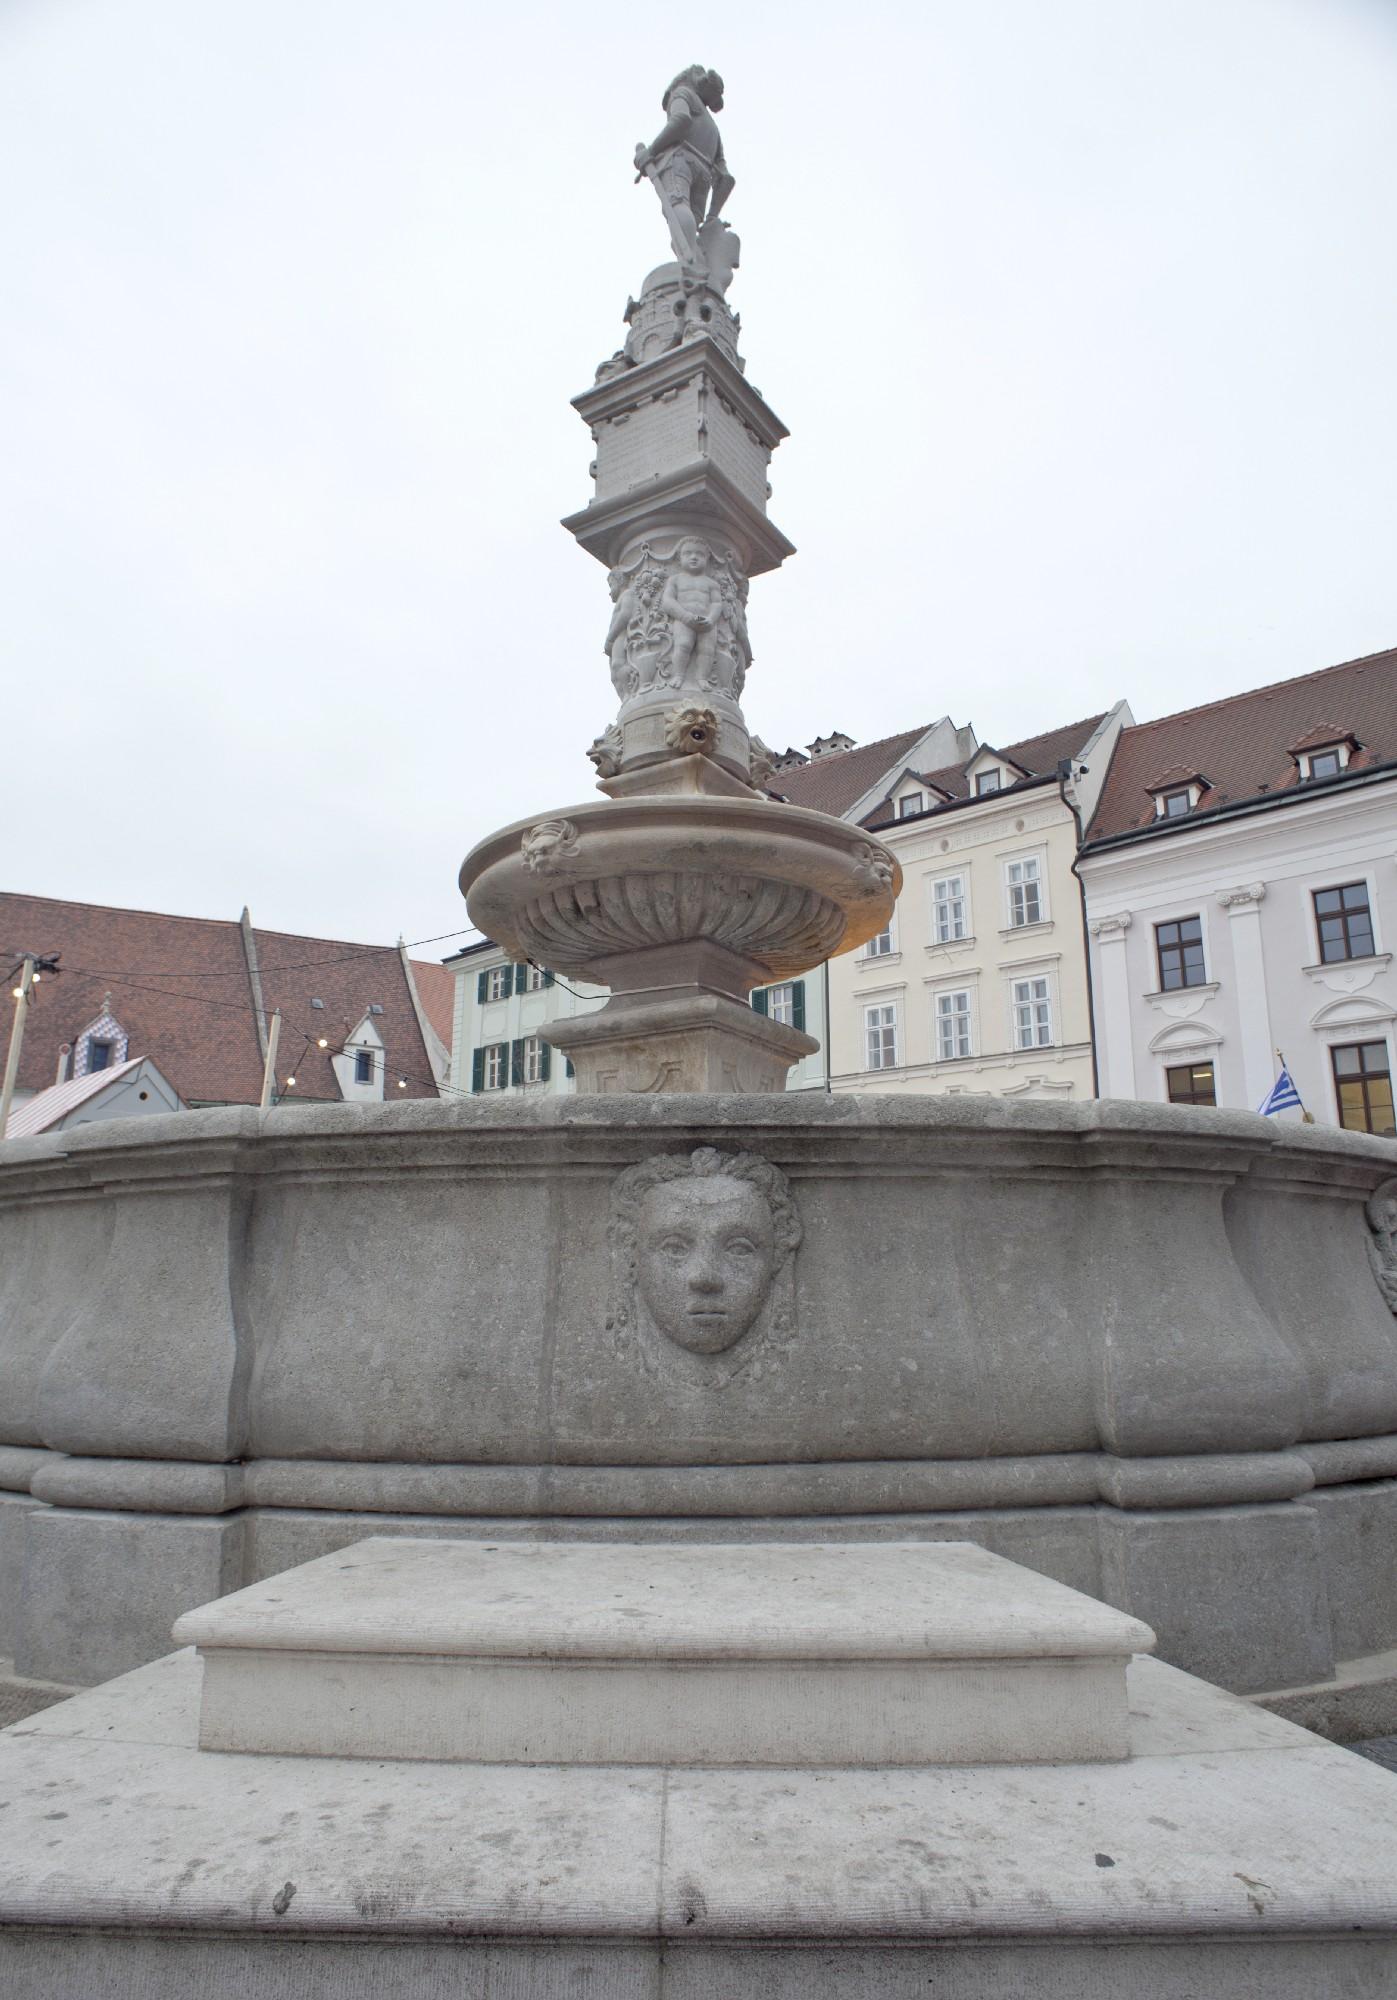 Mapei-referencia-rolandova-fontana (8)